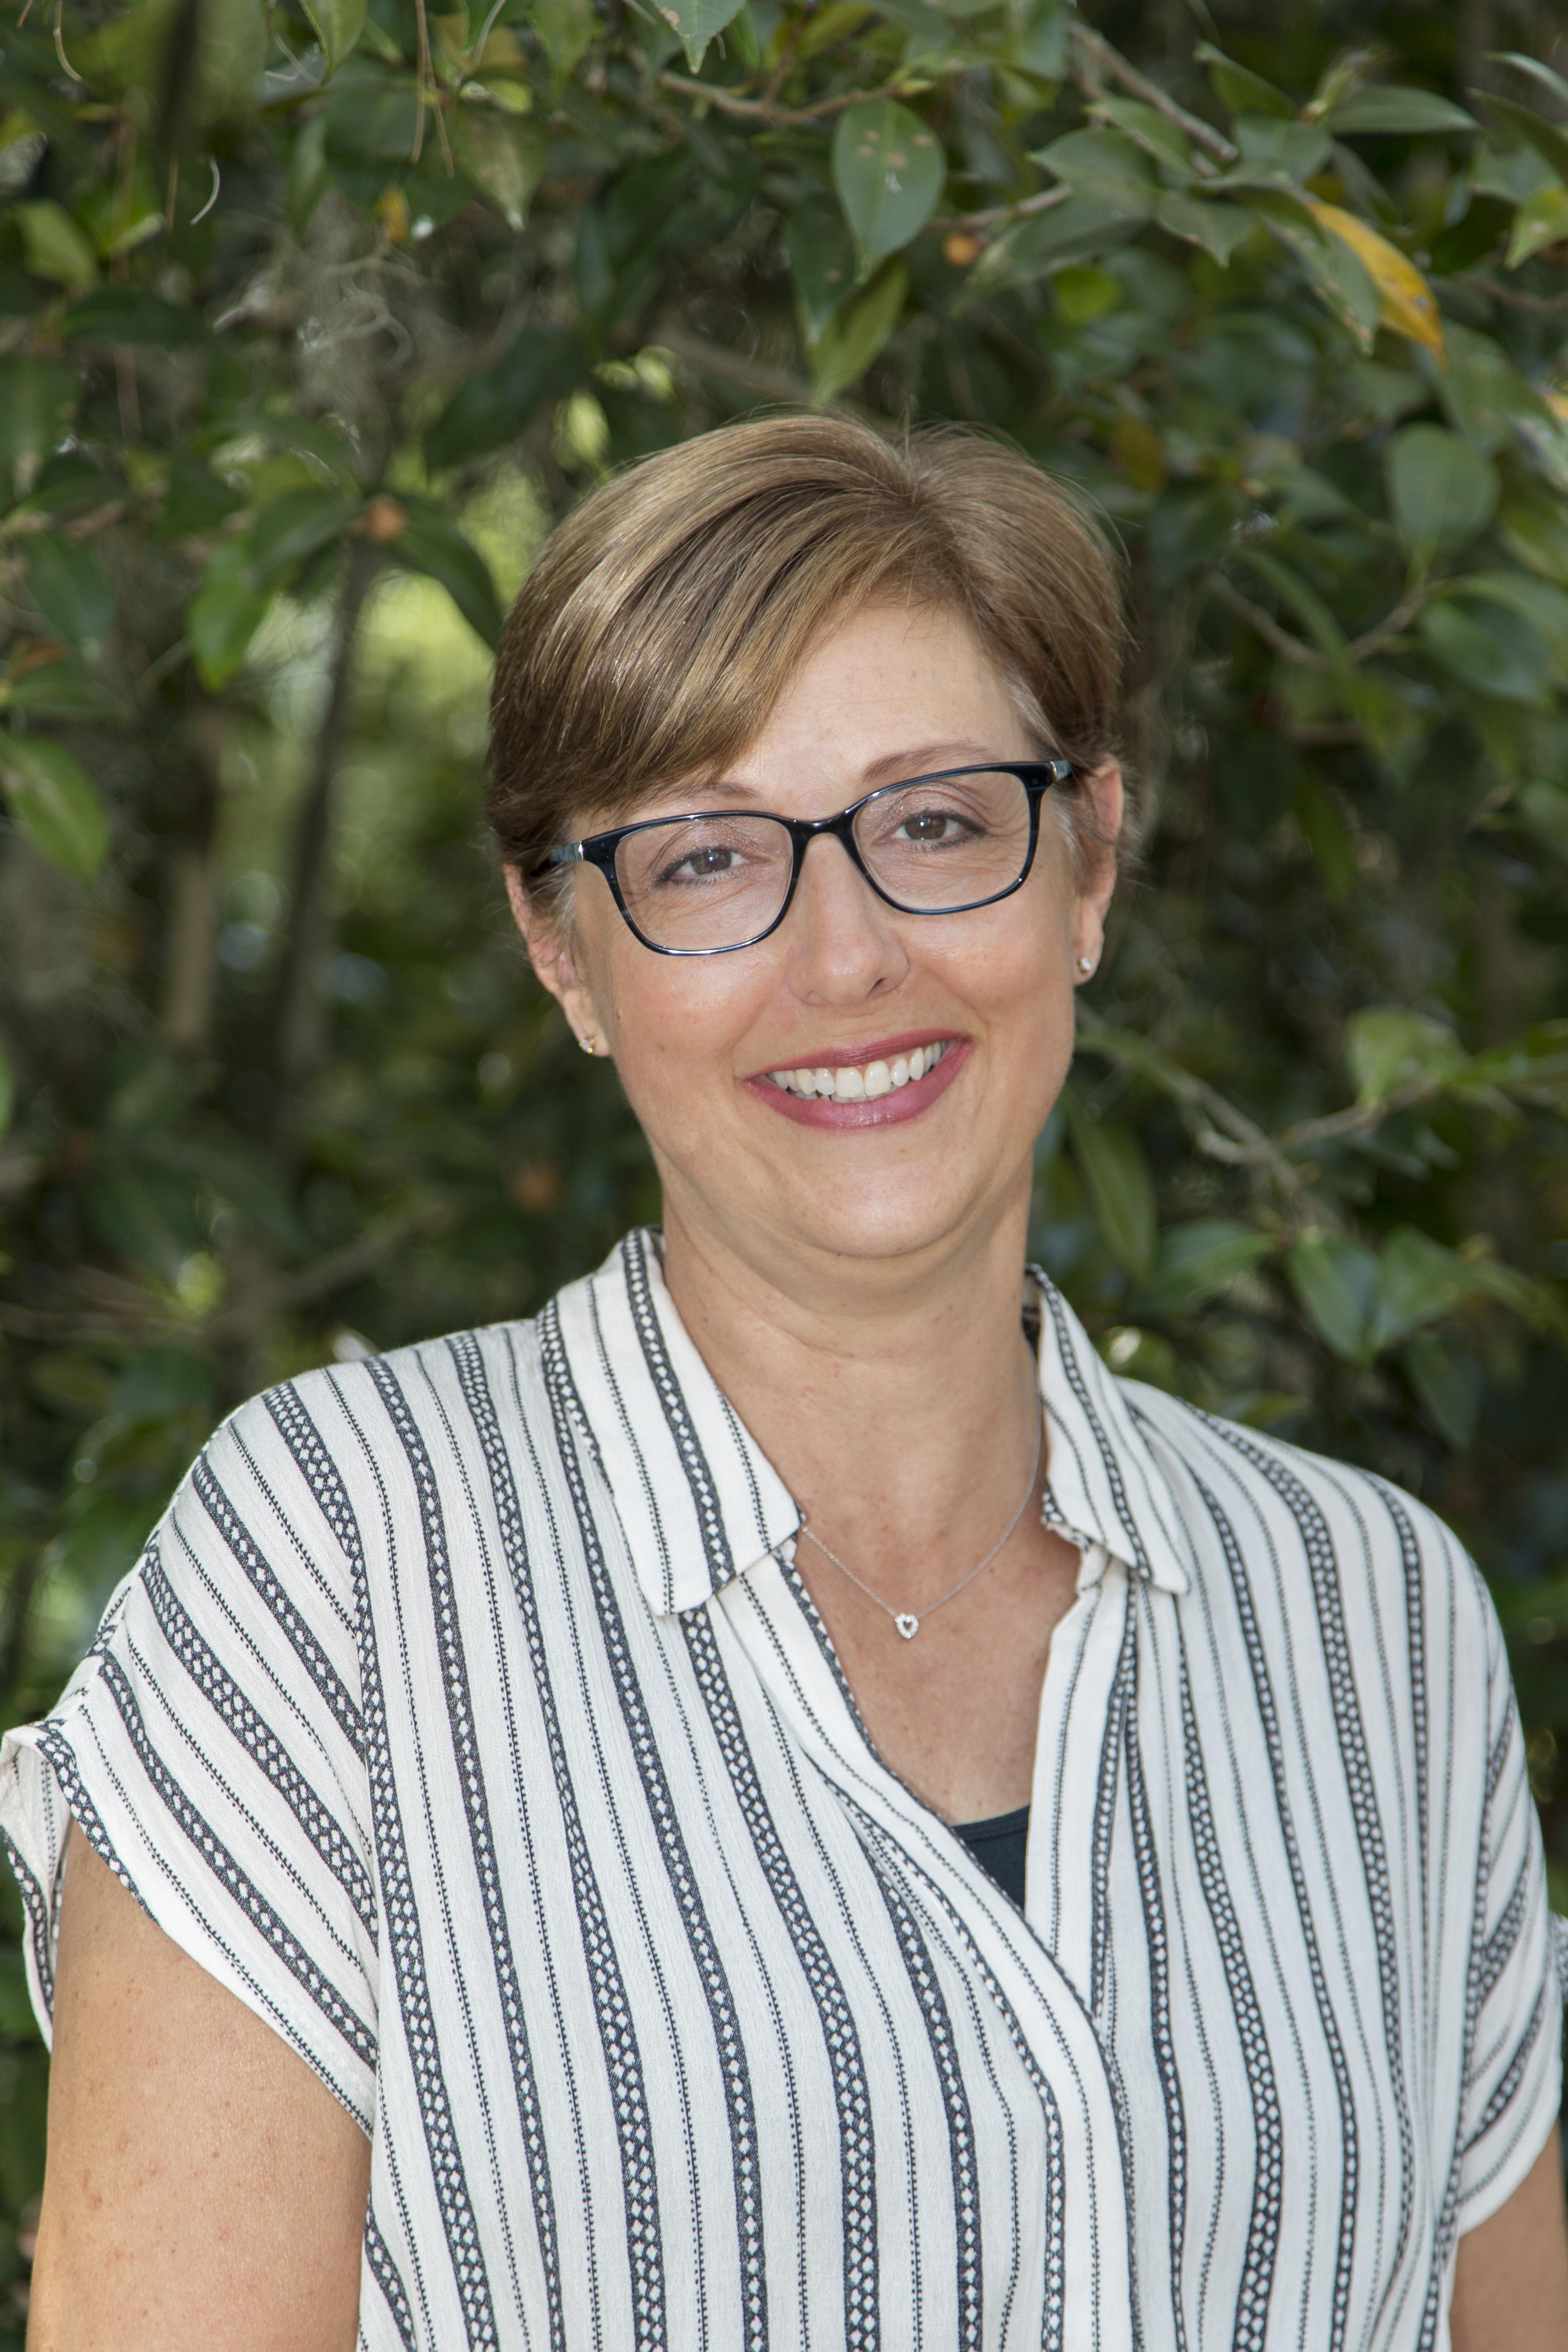 Leah Rowe